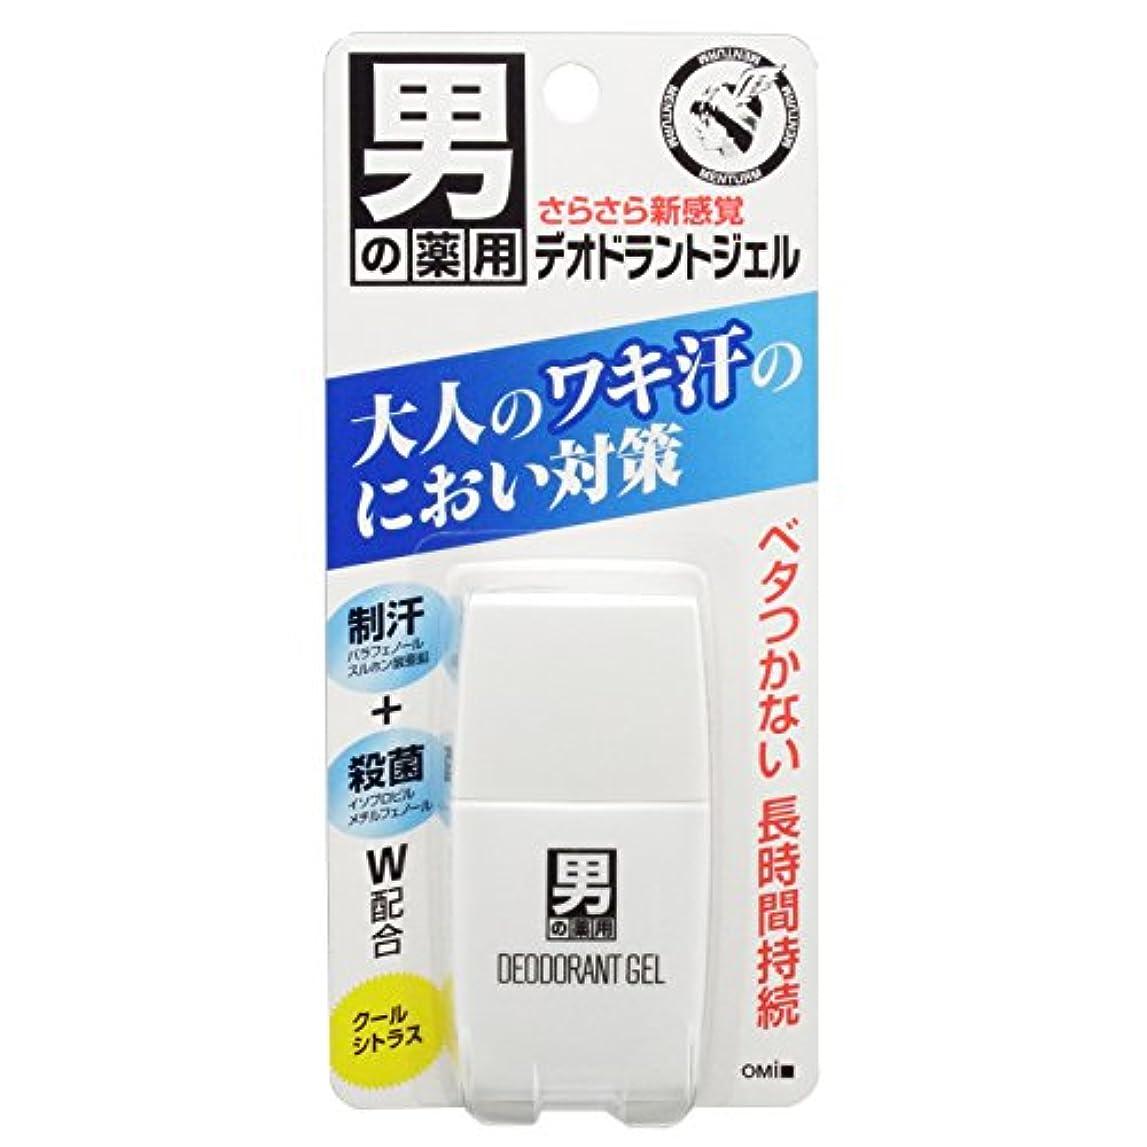 スクリーチ良さ内なる男の薬用 デオドラントジェル 30g (医薬部外品)